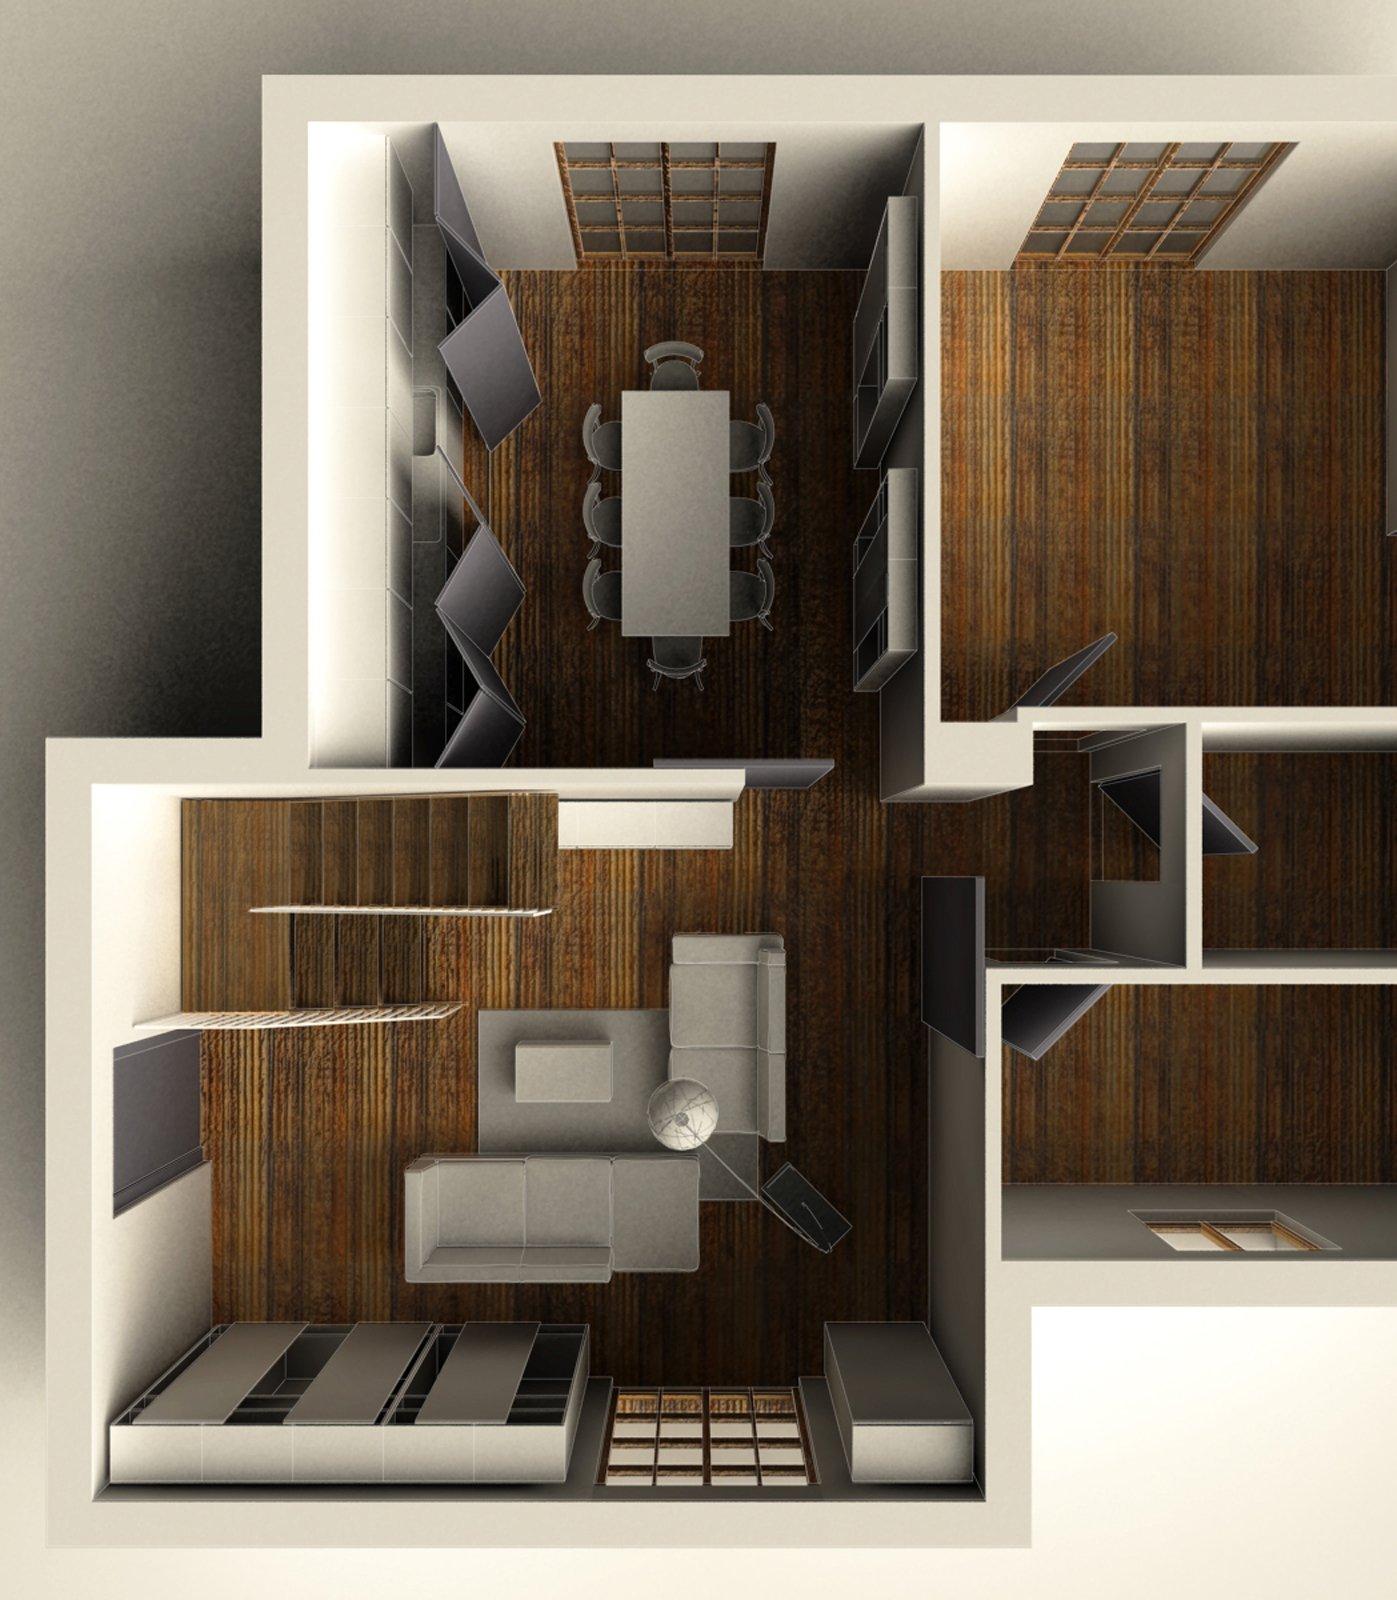 Distribuire Al Meglio Gli Spazi Della Zona Giorno Cose Di Casa #976734 1397 1600 Dimensione Minima Sala Da Pranzo